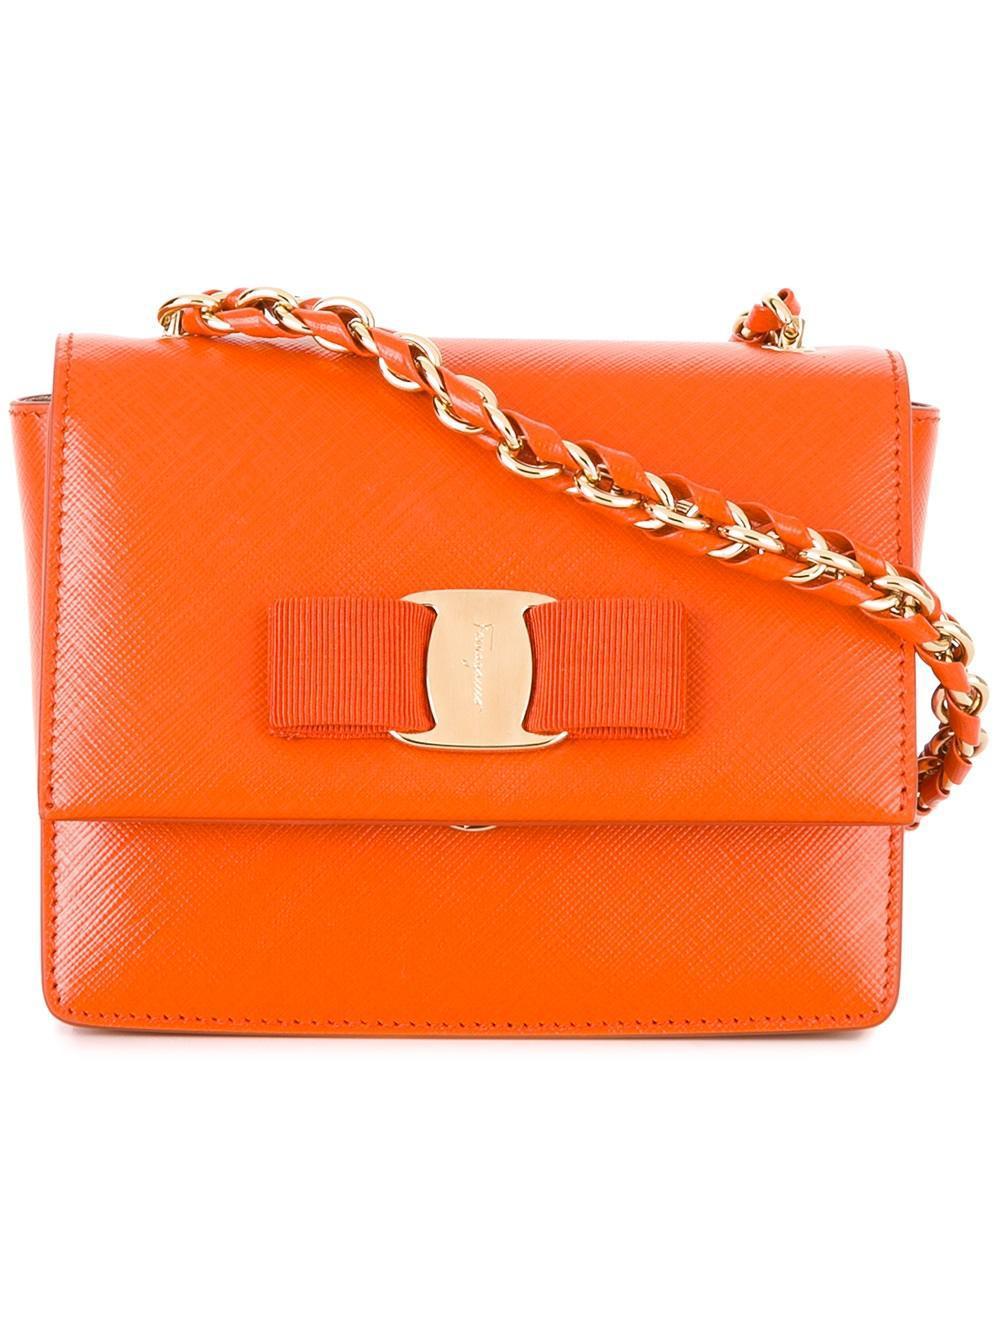 bcdcc5fe7d04 Lyst - Ferragamo  ginny  Crossbody Bag in Orange